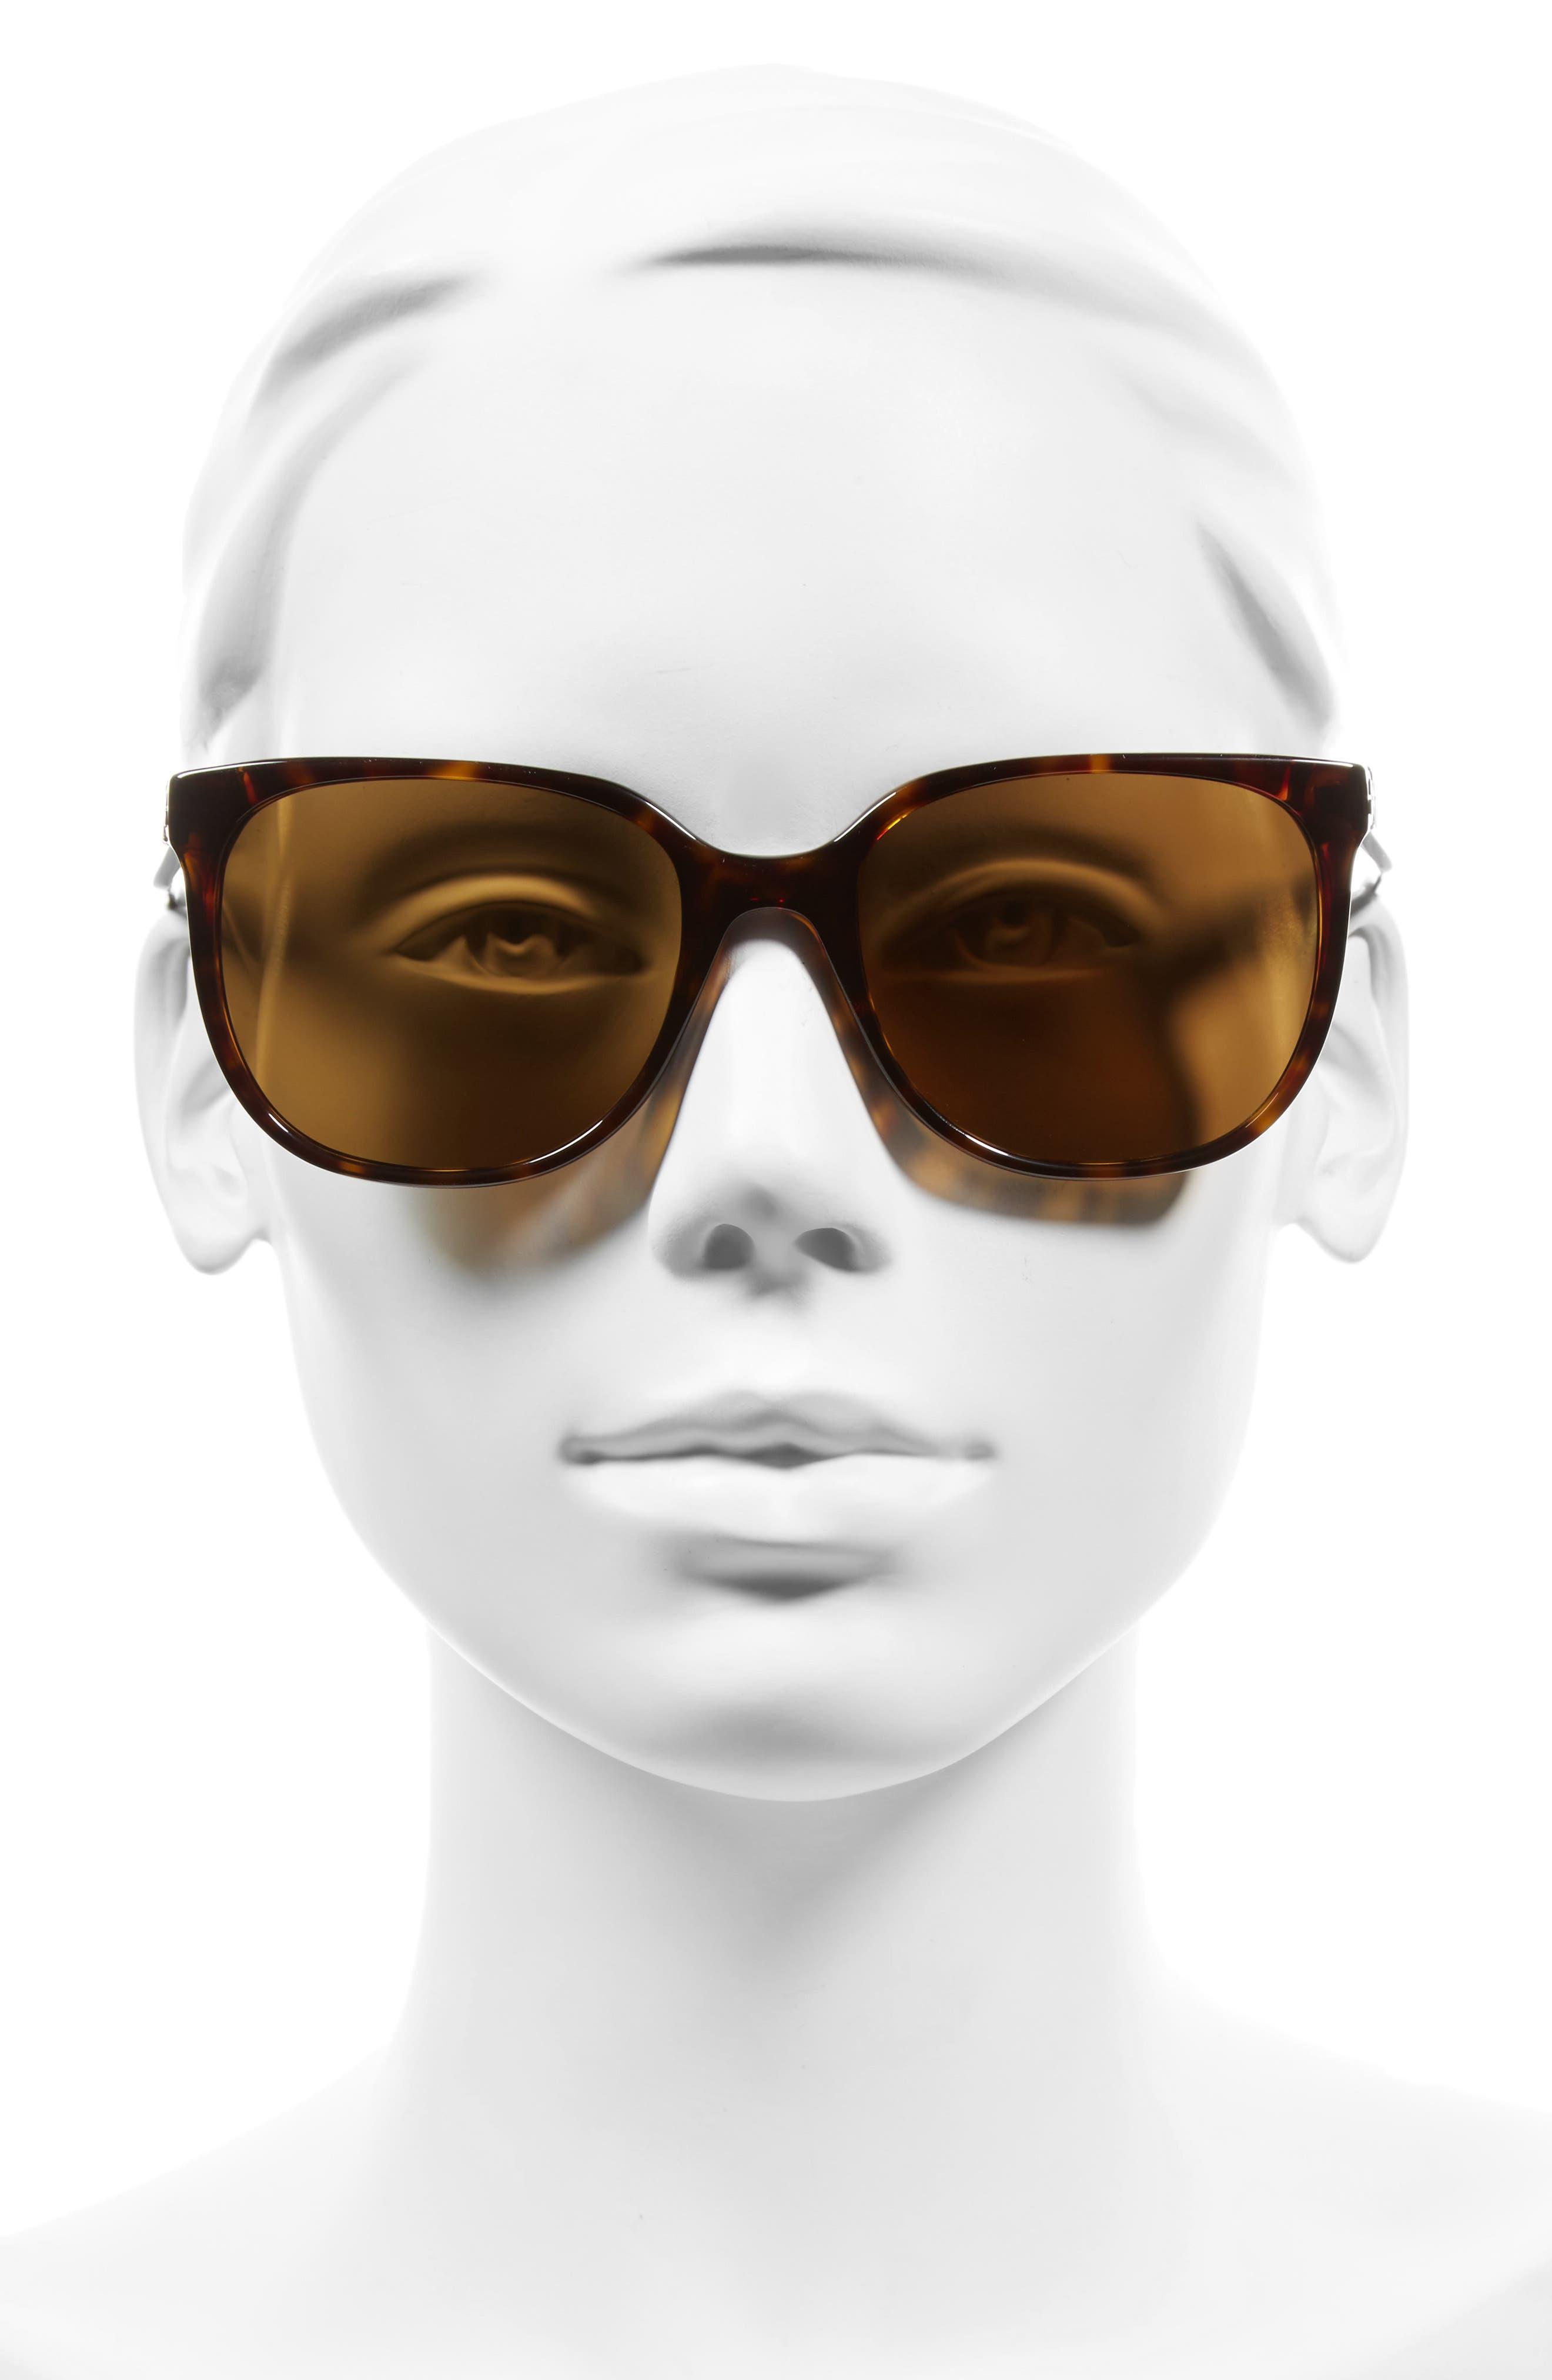 57mm Polarized Sunglasses,                             Alternate thumbnail 2, color,                             DARK TORTOISE